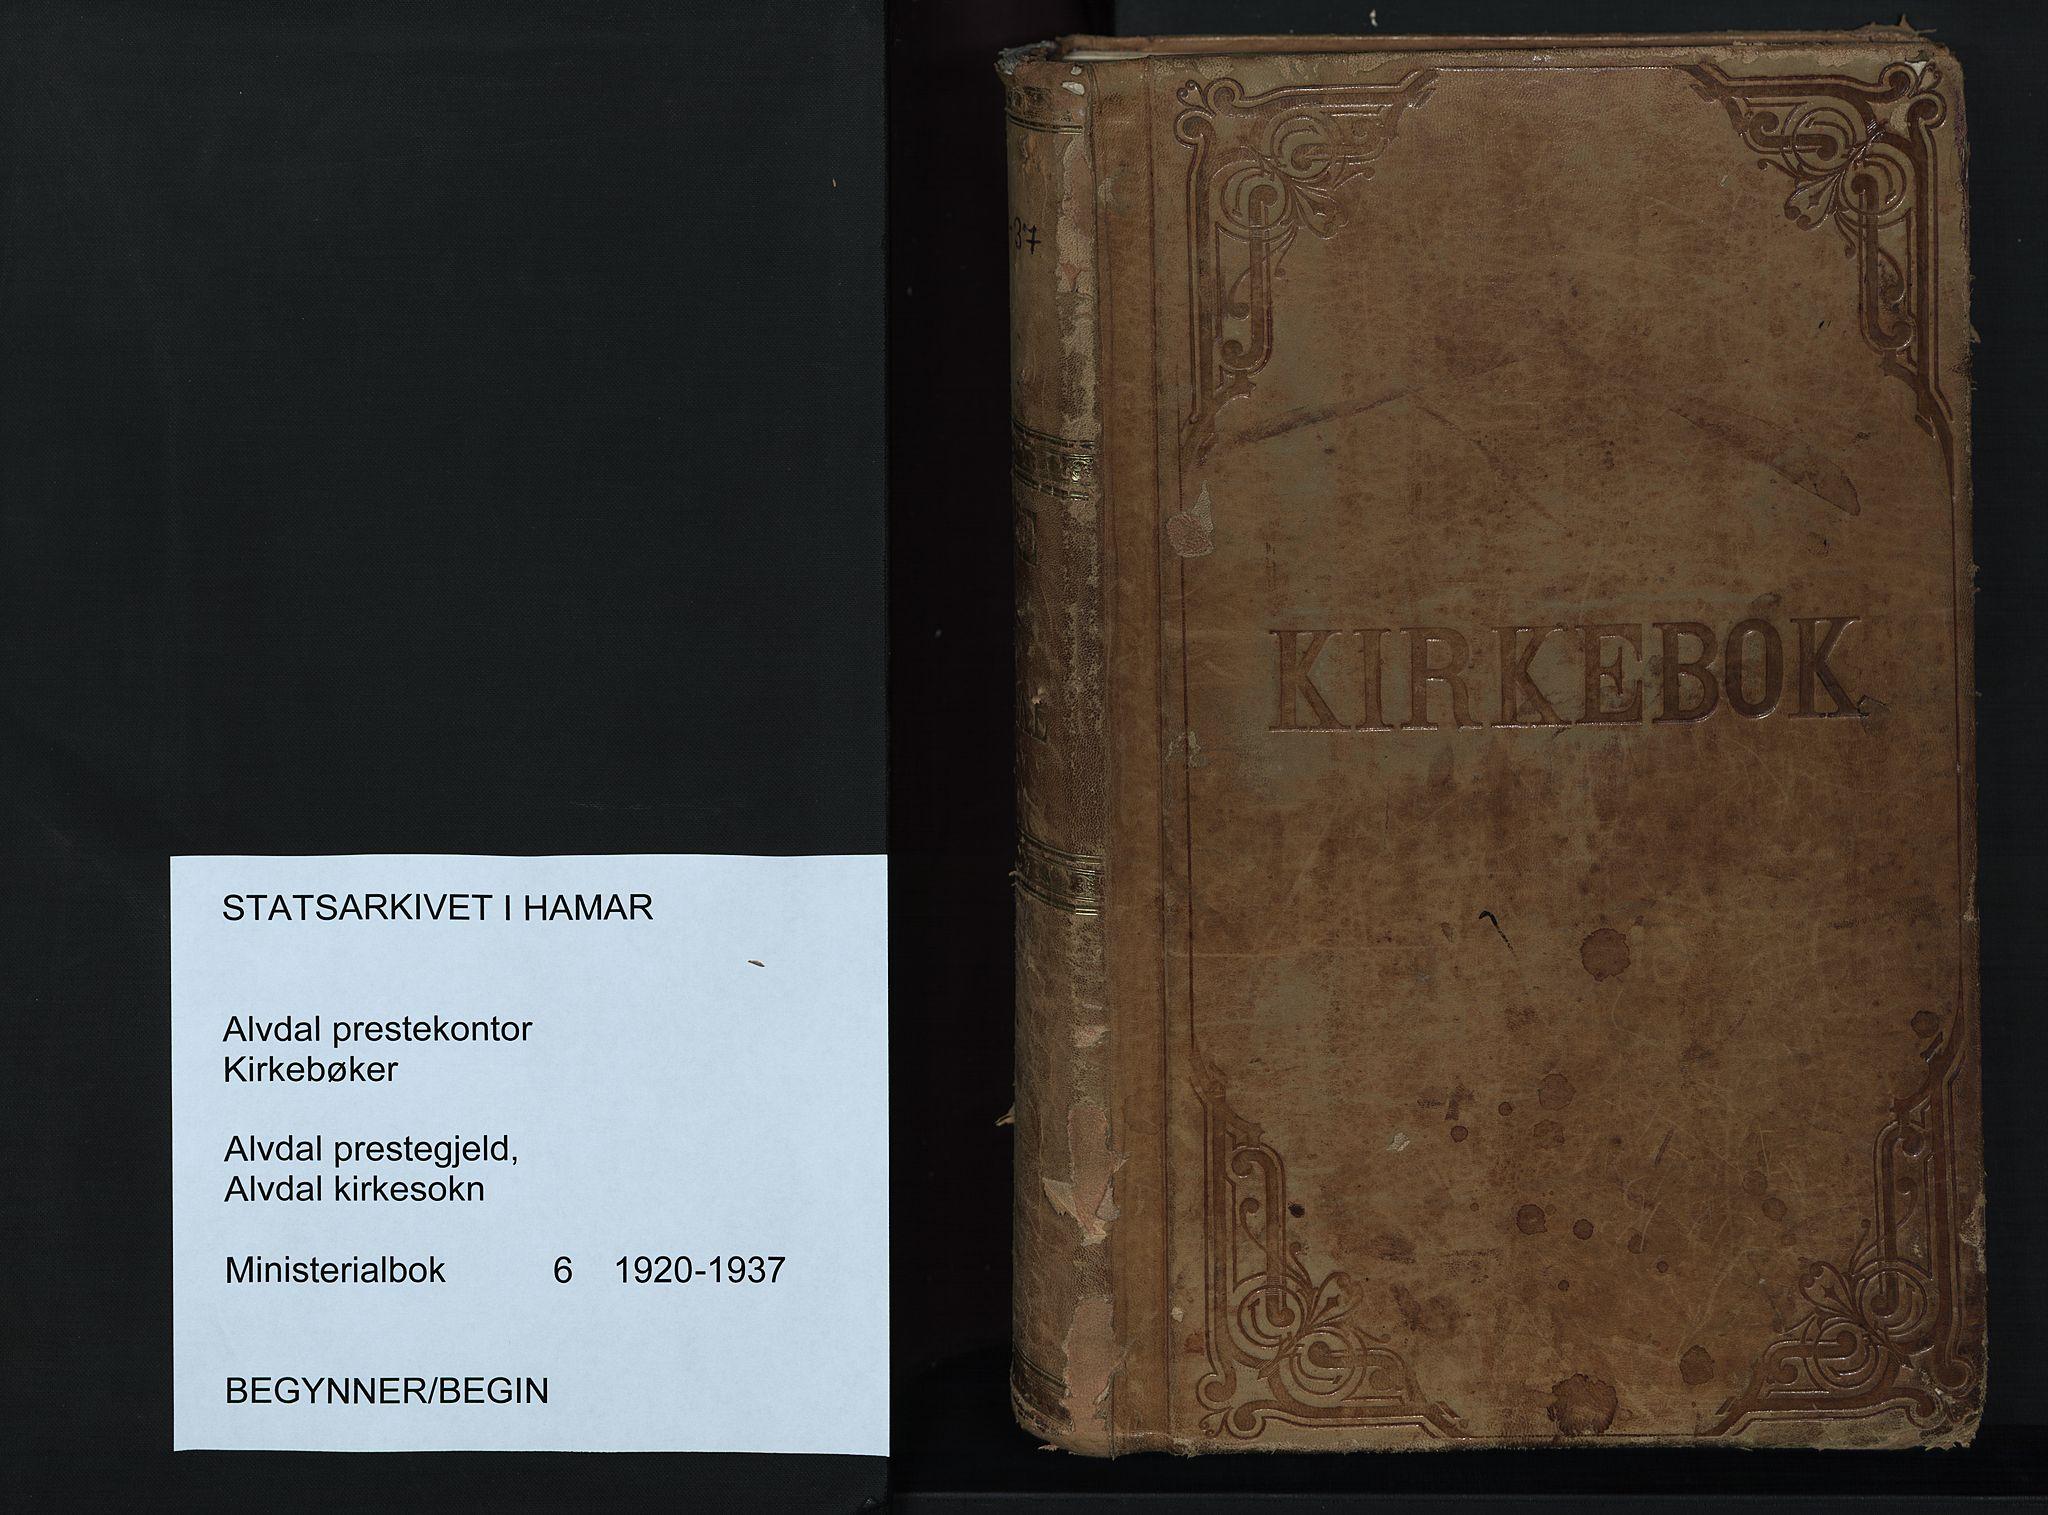 SAH, Alvdal prestekontor, Ministerialbok nr. 6, 1920-1937